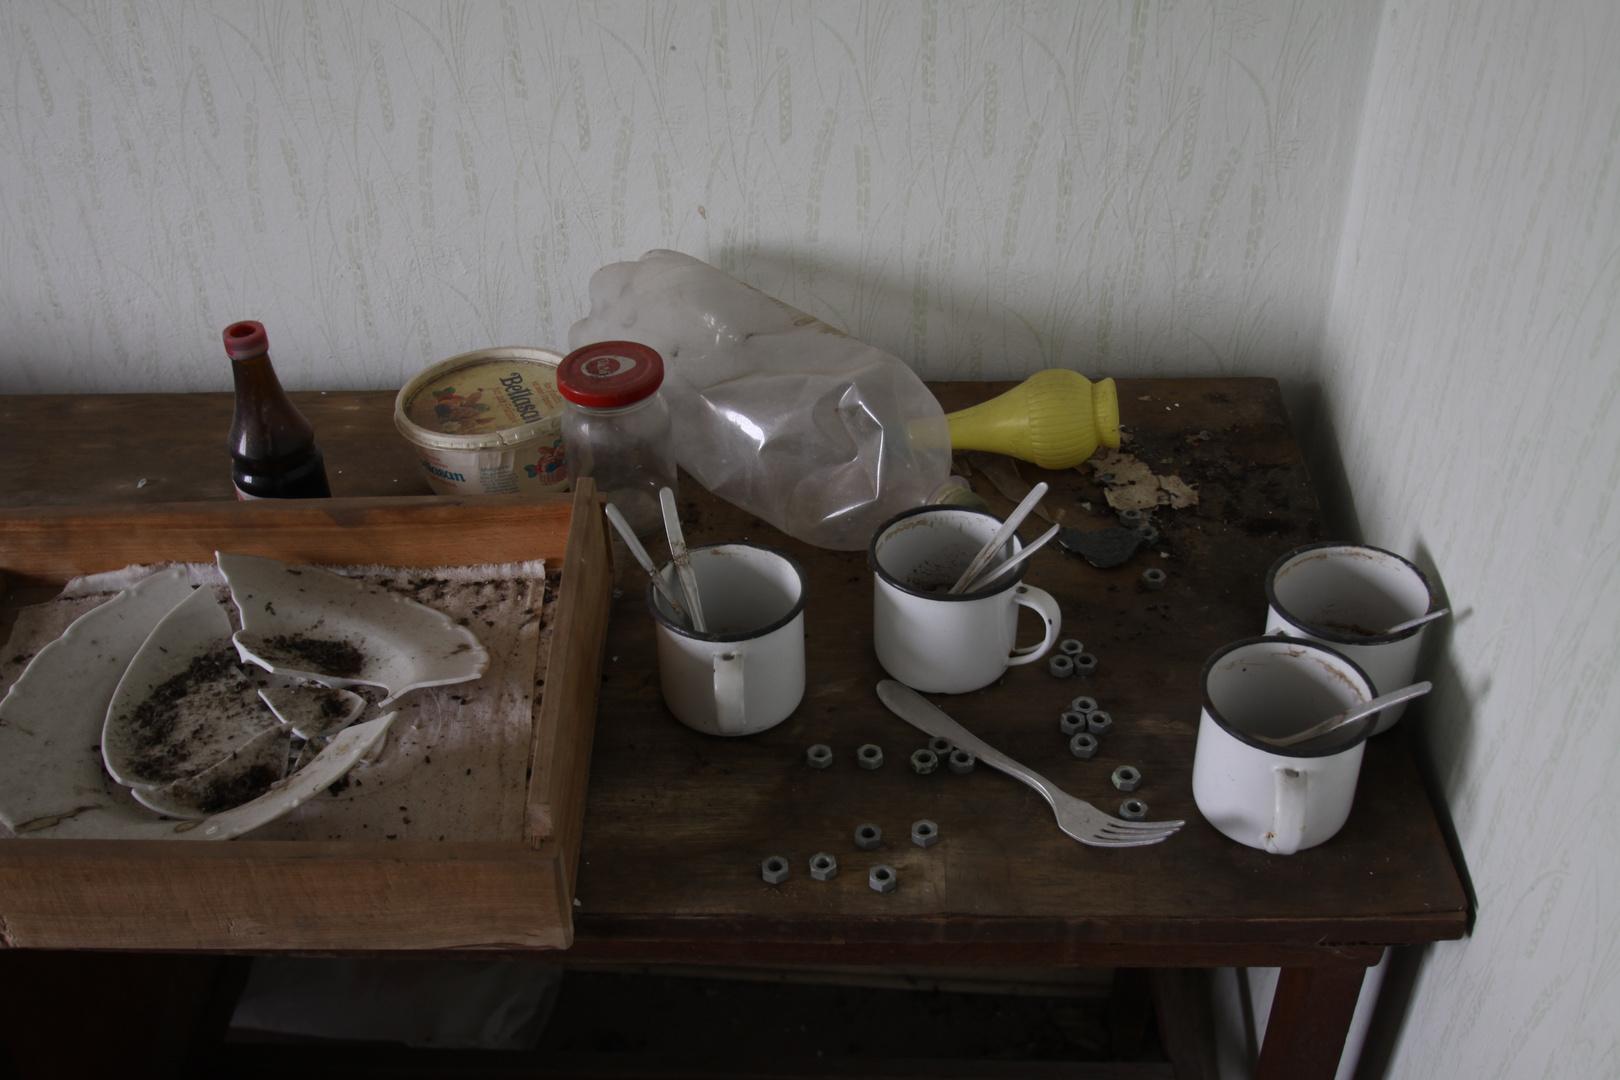 Letzte Pausenmahlzeit - vier Kaffeetöpfe und doppelt gerührt